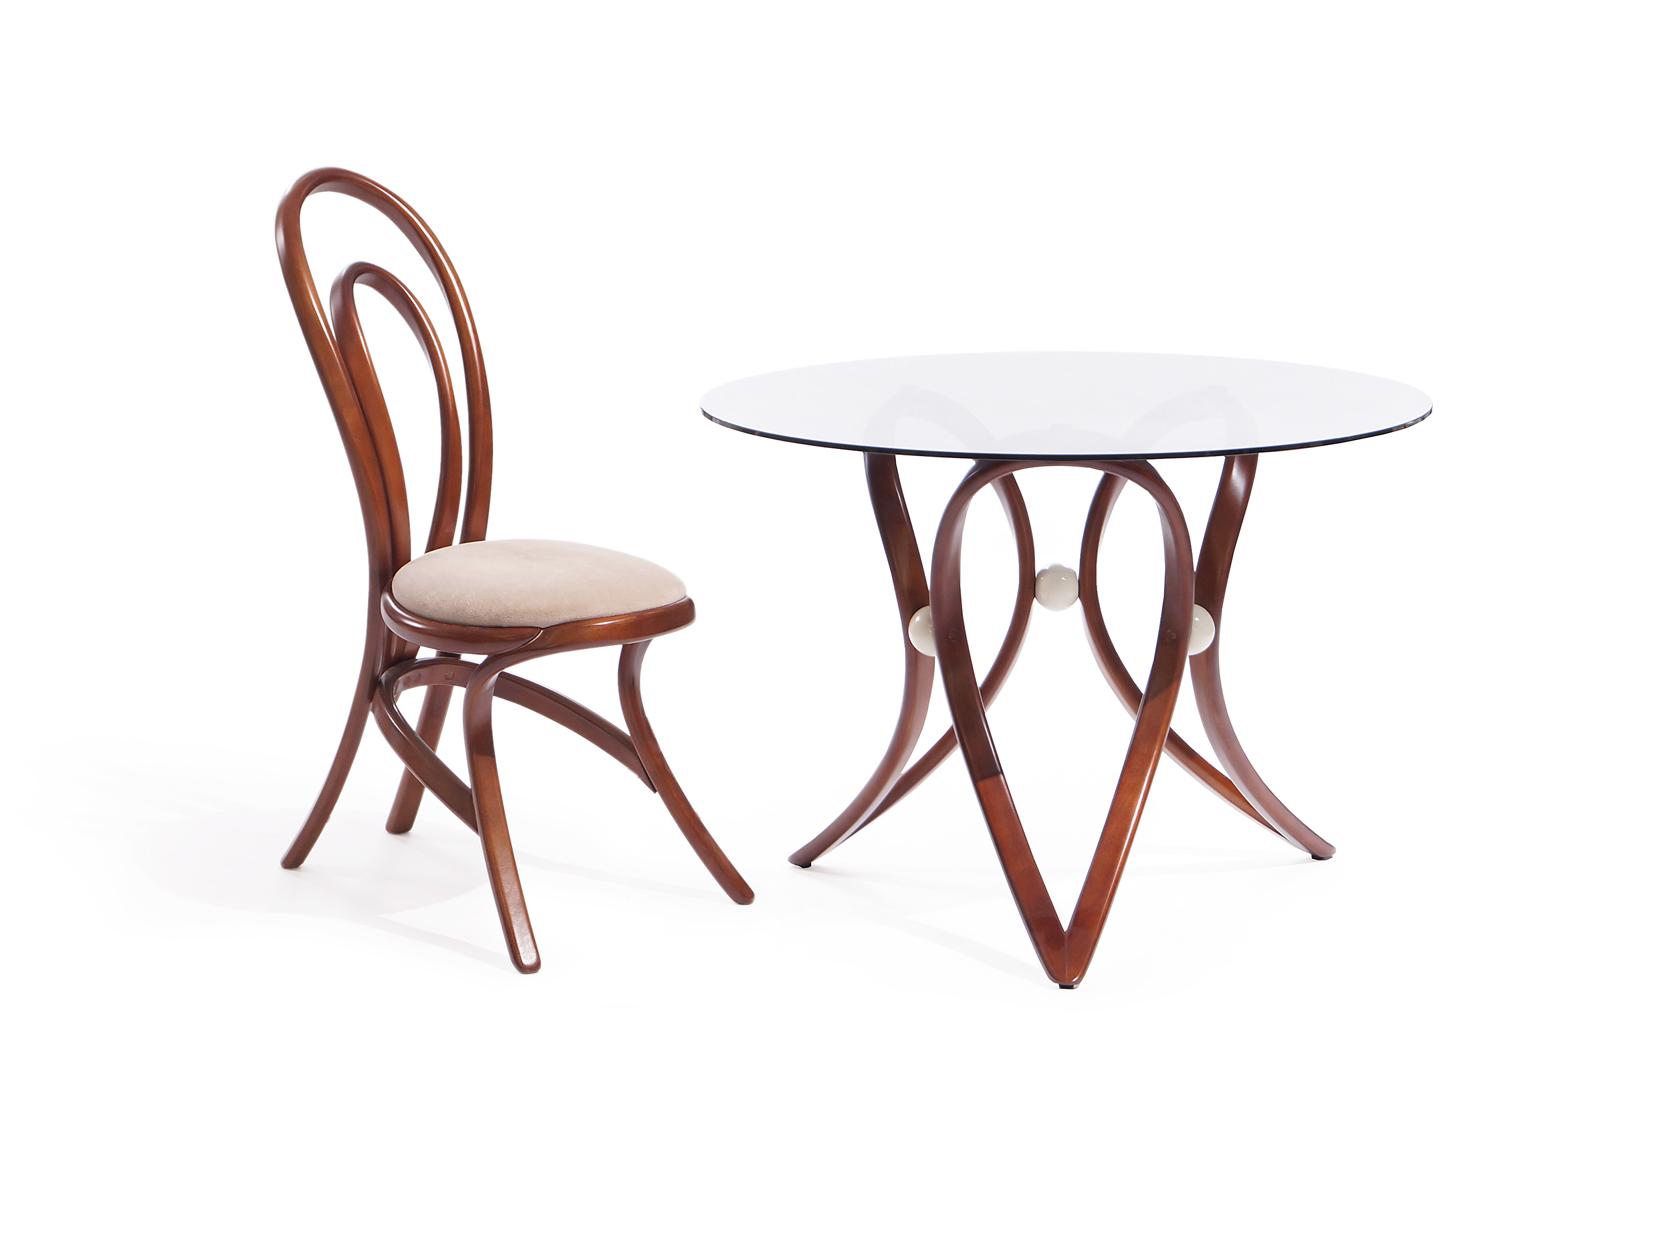 Обеденная группа Apriori V (стол + 4 стула)Комплекты для столовой<br>&amp;lt;div&amp;gt;&amp;lt;div&amp;gt;Обеденный круглый стол с изящным основанием из натурального дерева.&amp;amp;nbsp;&amp;lt;span style=&amp;quot;font-size: 14px;&amp;quot;&amp;gt;Стул из натурального гнутого дерева симметричной коллекции &amp;quot;Apriori&amp;quot;.&amp;amp;nbsp;&amp;lt;/span&amp;gt;&amp;lt;/div&amp;gt;&amp;lt;div&amp;gt;&amp;lt;br&amp;gt;&amp;lt;/div&amp;gt;&amp;lt;div&amp;gt;&amp;lt;span style=&amp;quot;font-size: 14px;&amp;quot;&amp;gt;Размеры стола : 105/75 см.&amp;lt;/span&amp;gt;&amp;lt;br&amp;gt;&amp;lt;/div&amp;gt;&amp;lt;div&amp;gt;Материал стола: береза, с&amp;lt;span style=&amp;quot;font-size: 14px;&amp;quot;&amp;gt;текло тонированное.&amp;lt;/span&amp;gt;&amp;lt;/div&amp;gt;&amp;lt;div&amp;gt;Размеры стула: 96/45/57 см.&amp;lt;/div&amp;gt;&amp;lt;/div&amp;gt;&amp;lt;div&amp;gt;Материал стула: дерево.&amp;lt;/div&amp;gt;&amp;lt;div&amp;gt;&amp;lt;br&amp;gt;&amp;lt;/div&amp;gt;<br><br>Material: Береза<br>Height см: 75<br>Diameter см: 105